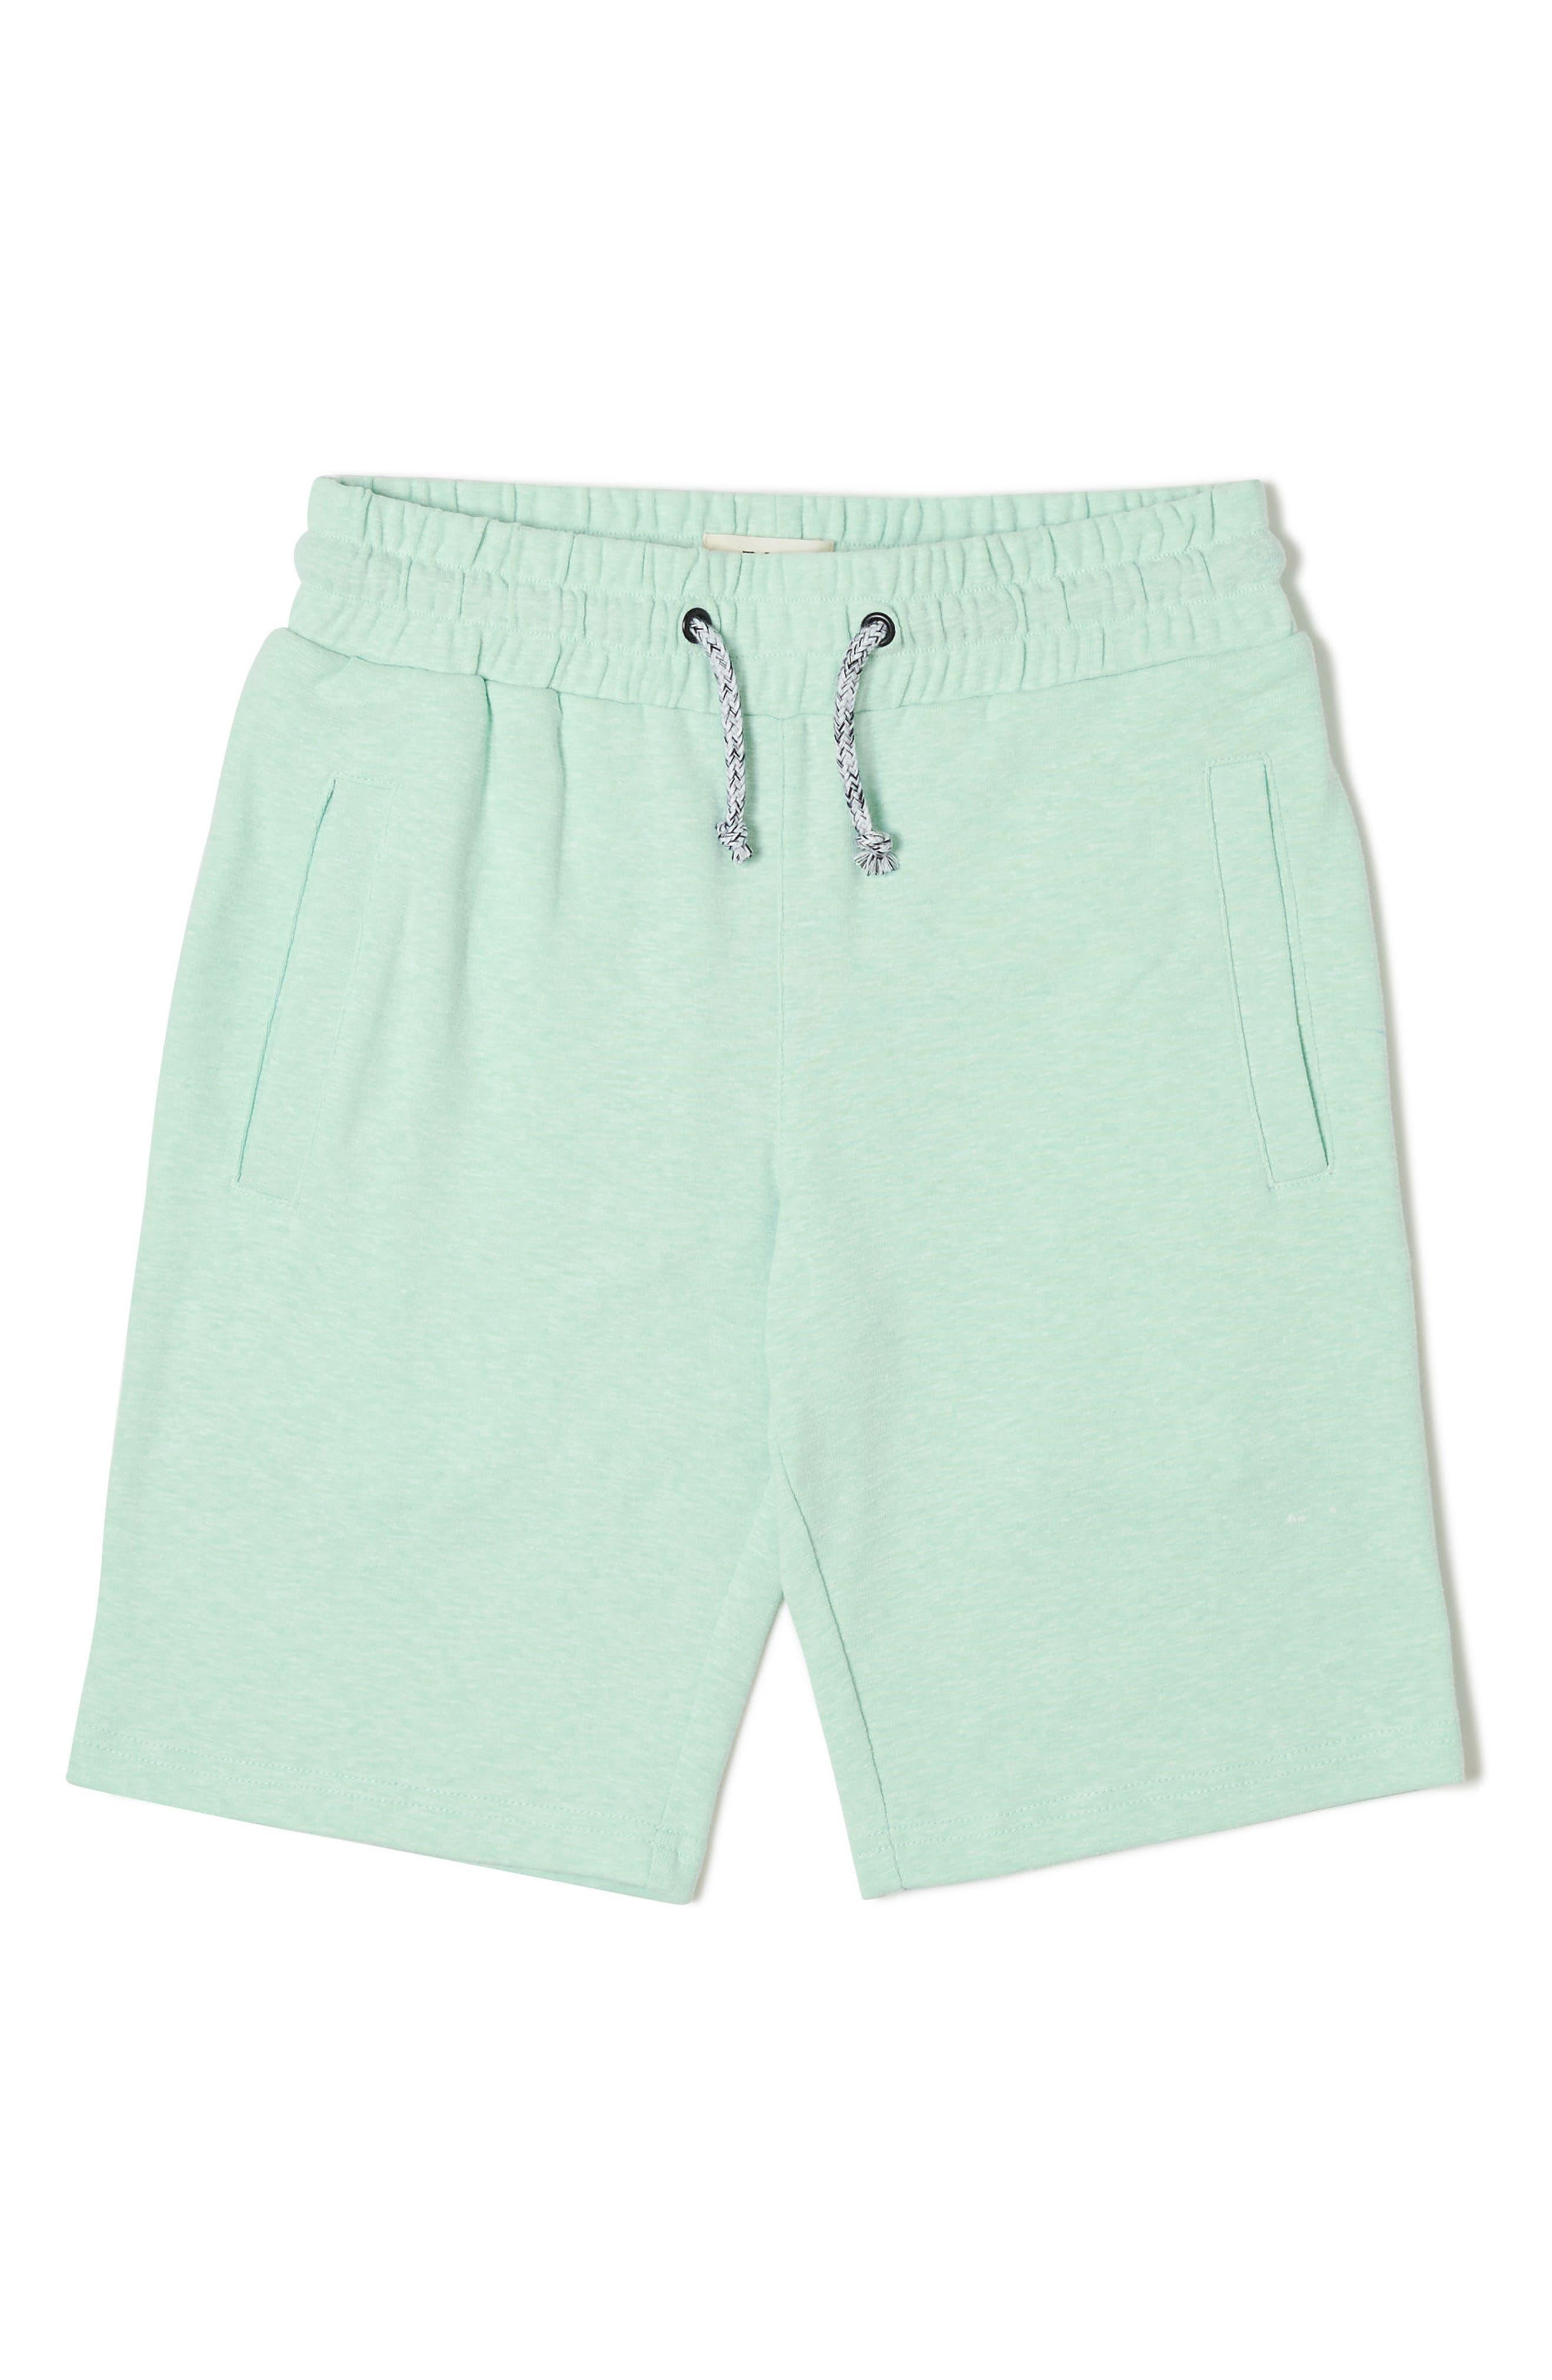 Ranger Knit Shorts,                             Main thumbnail 1, color,                             300